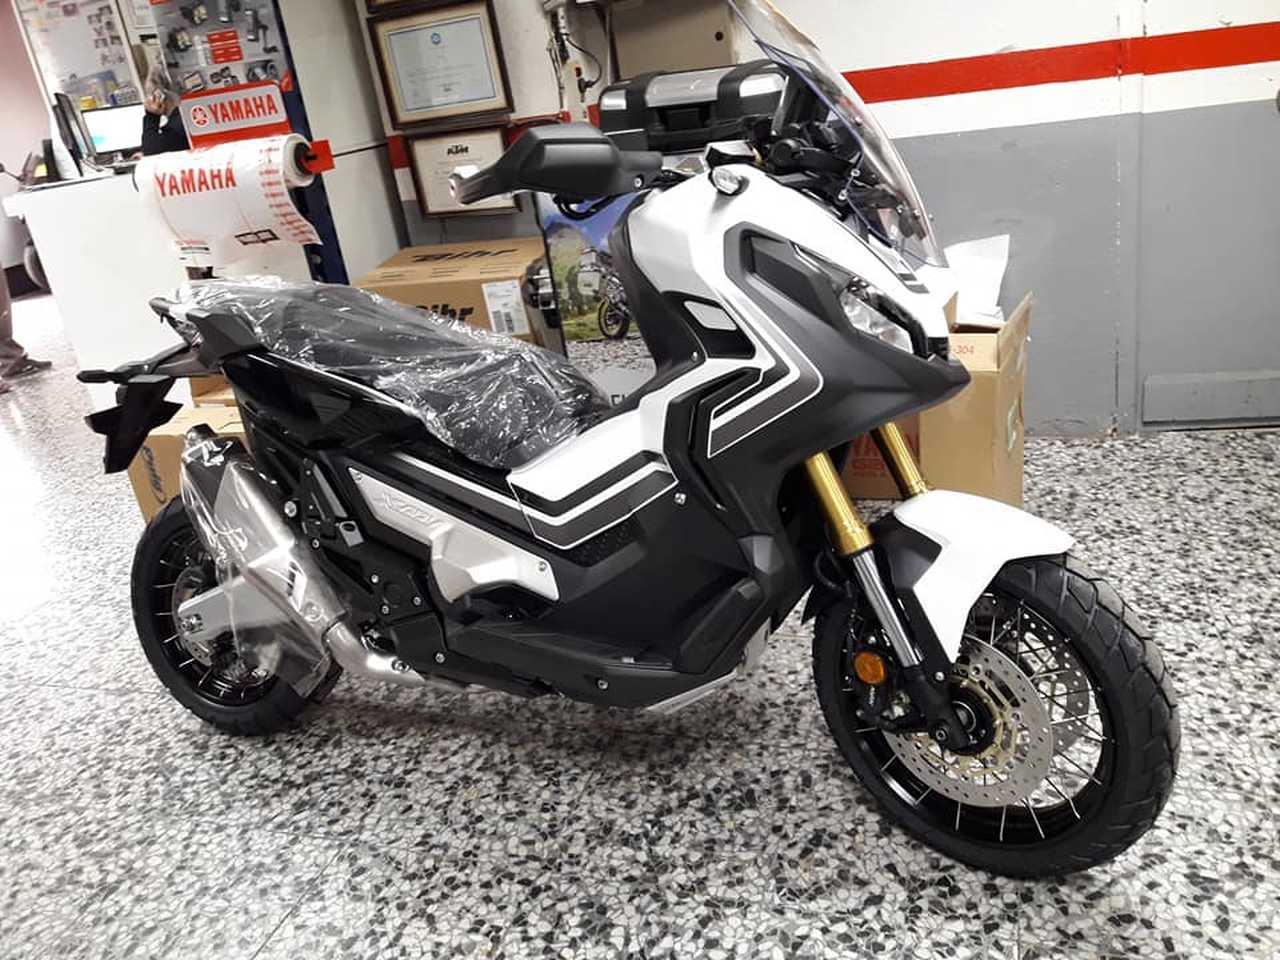 Vestibular´s X-ADV kurz vorgestellt - Honda X-ADV / City